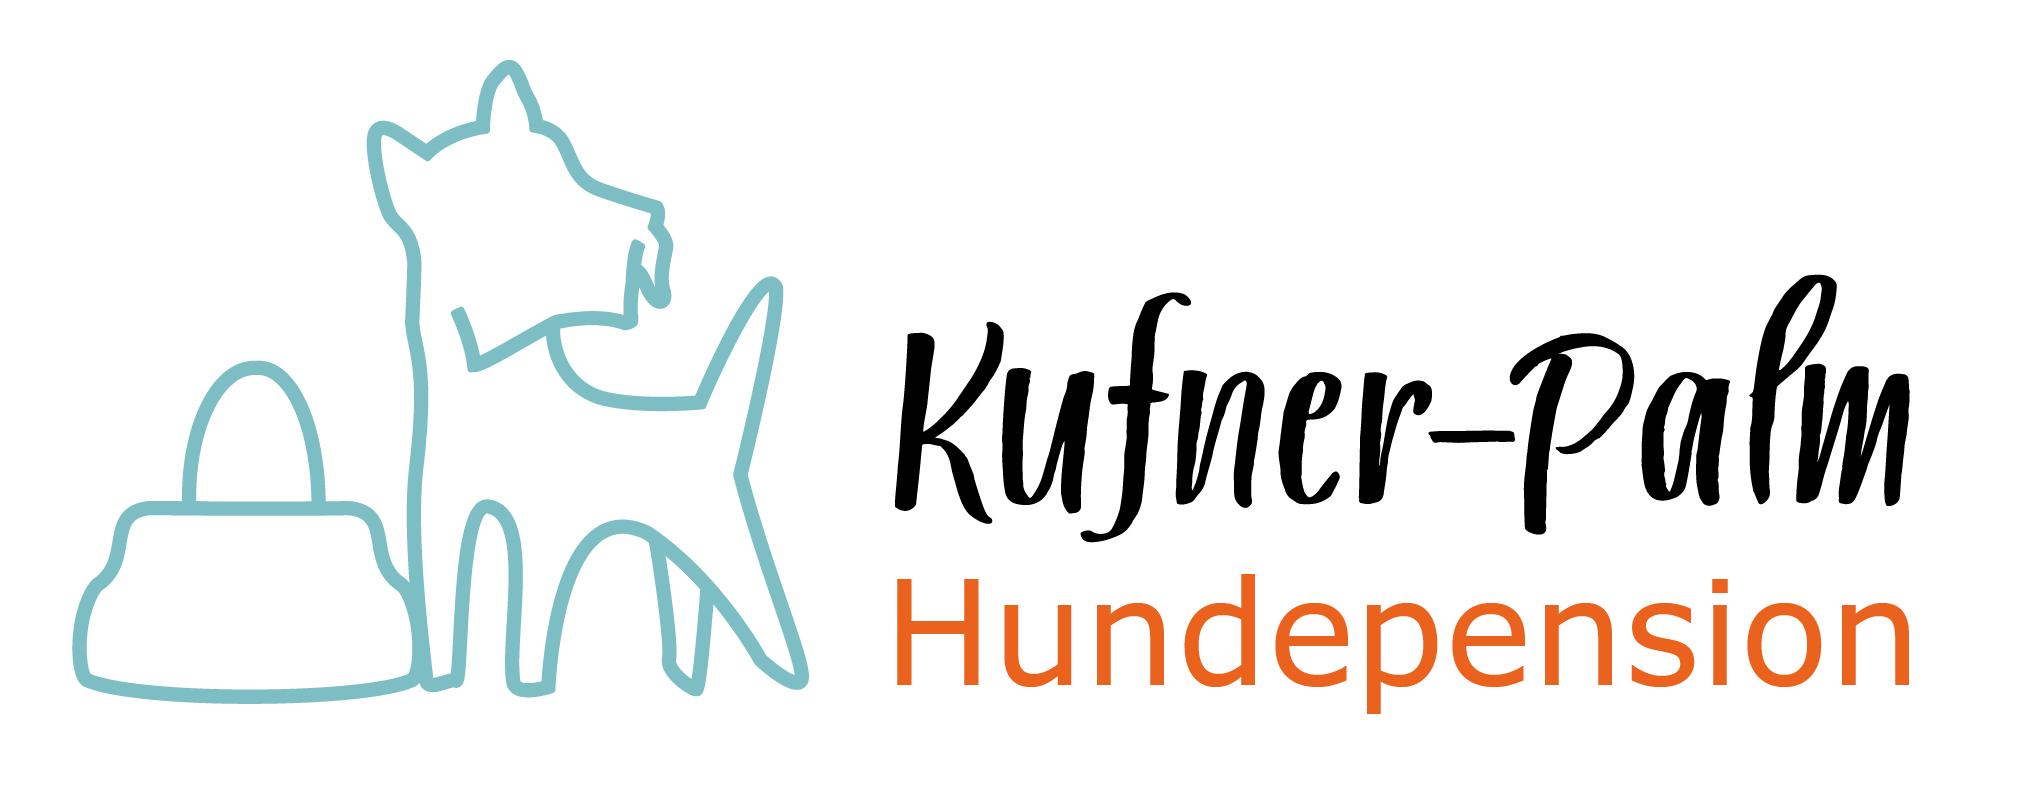 Hundepension Kufner-Palm